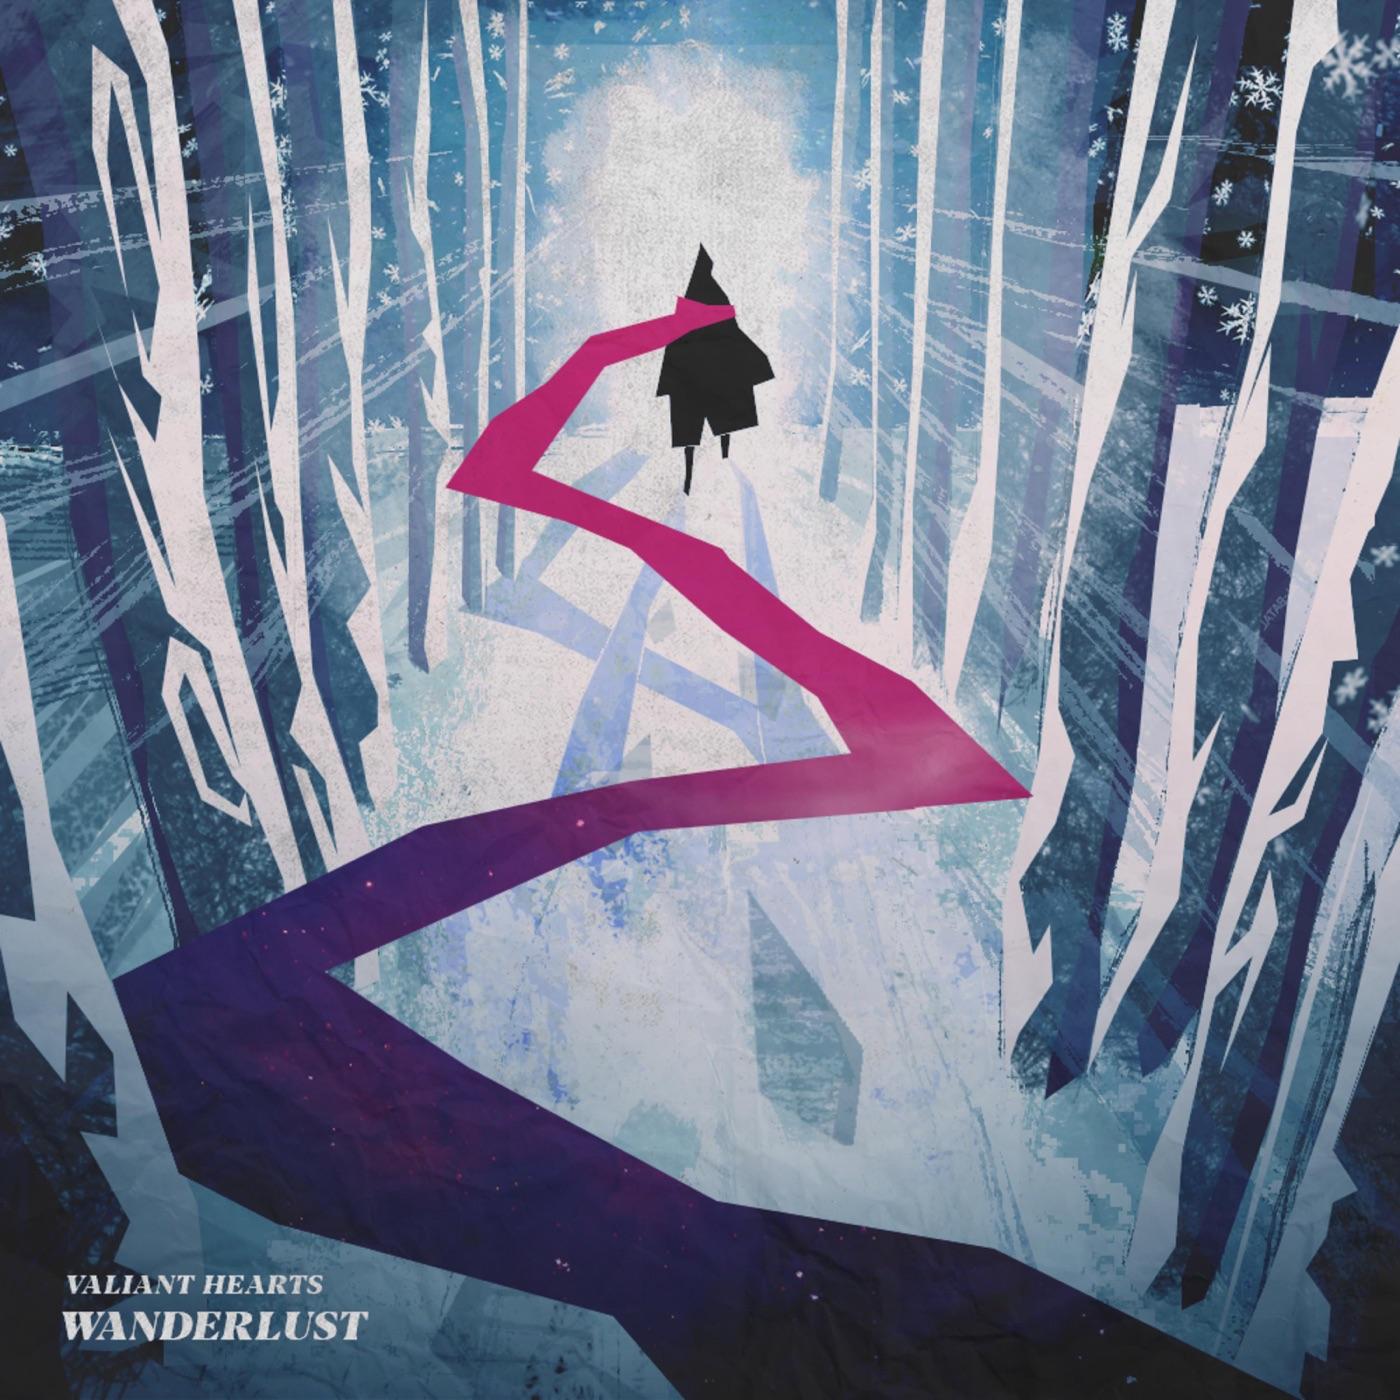 Valiant Hearts - Wanderlust (2018)